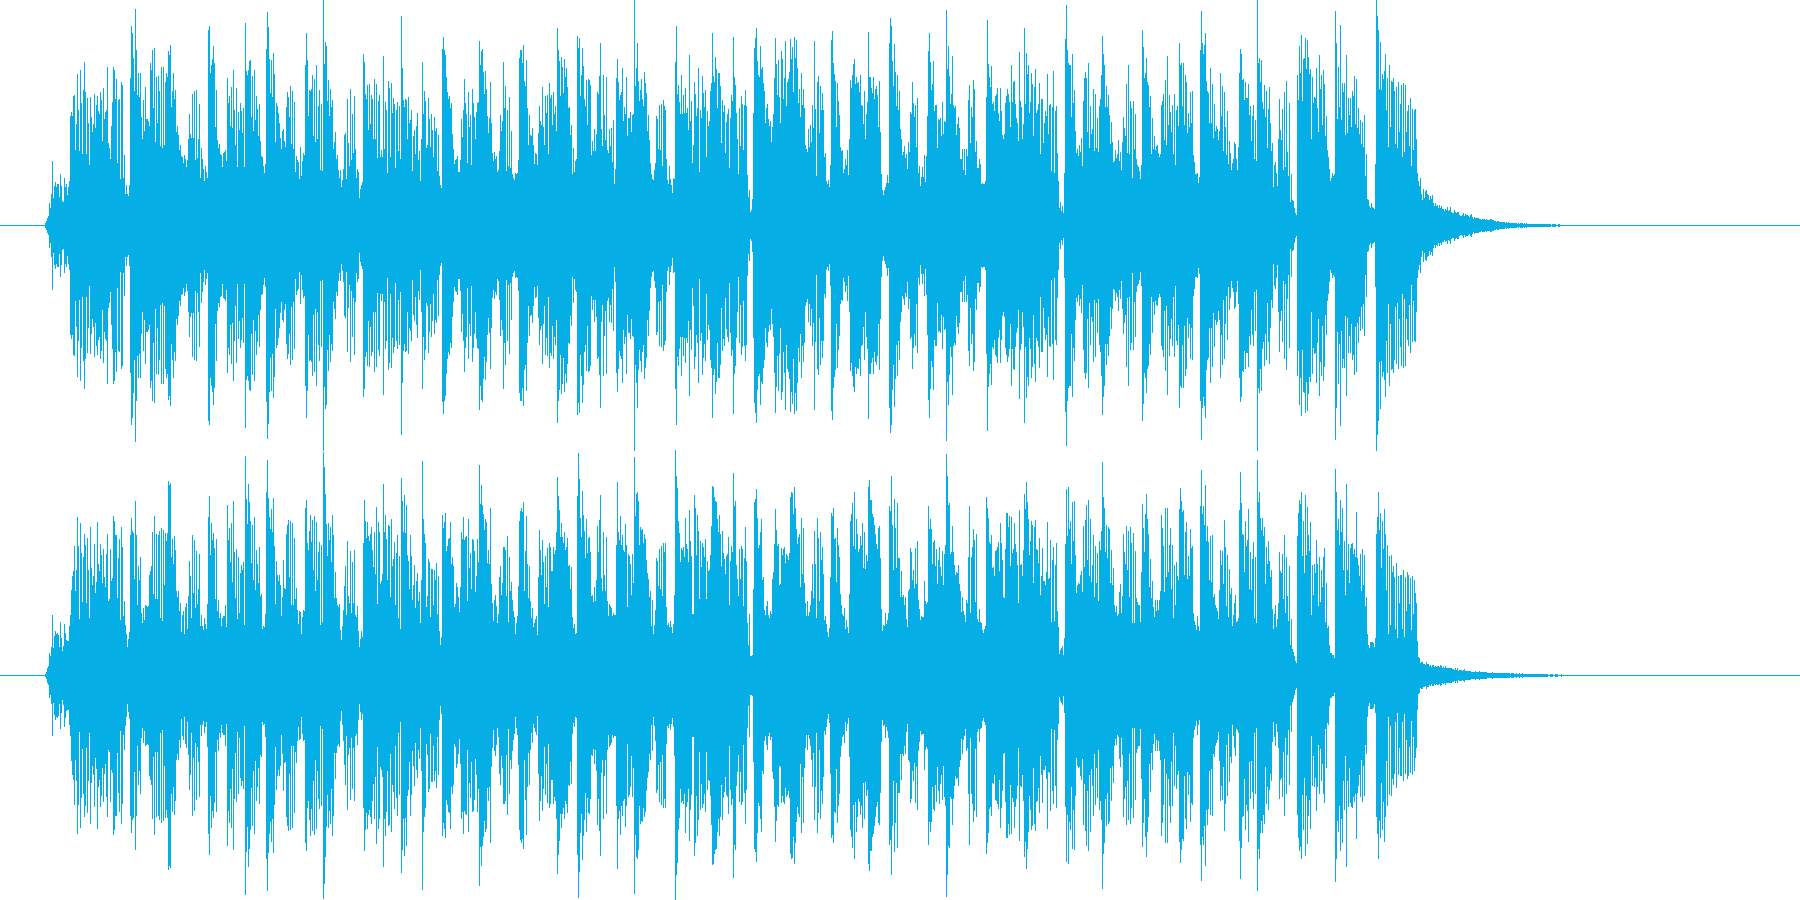 ピアノとシンセのロックンロールの再生済みの波形